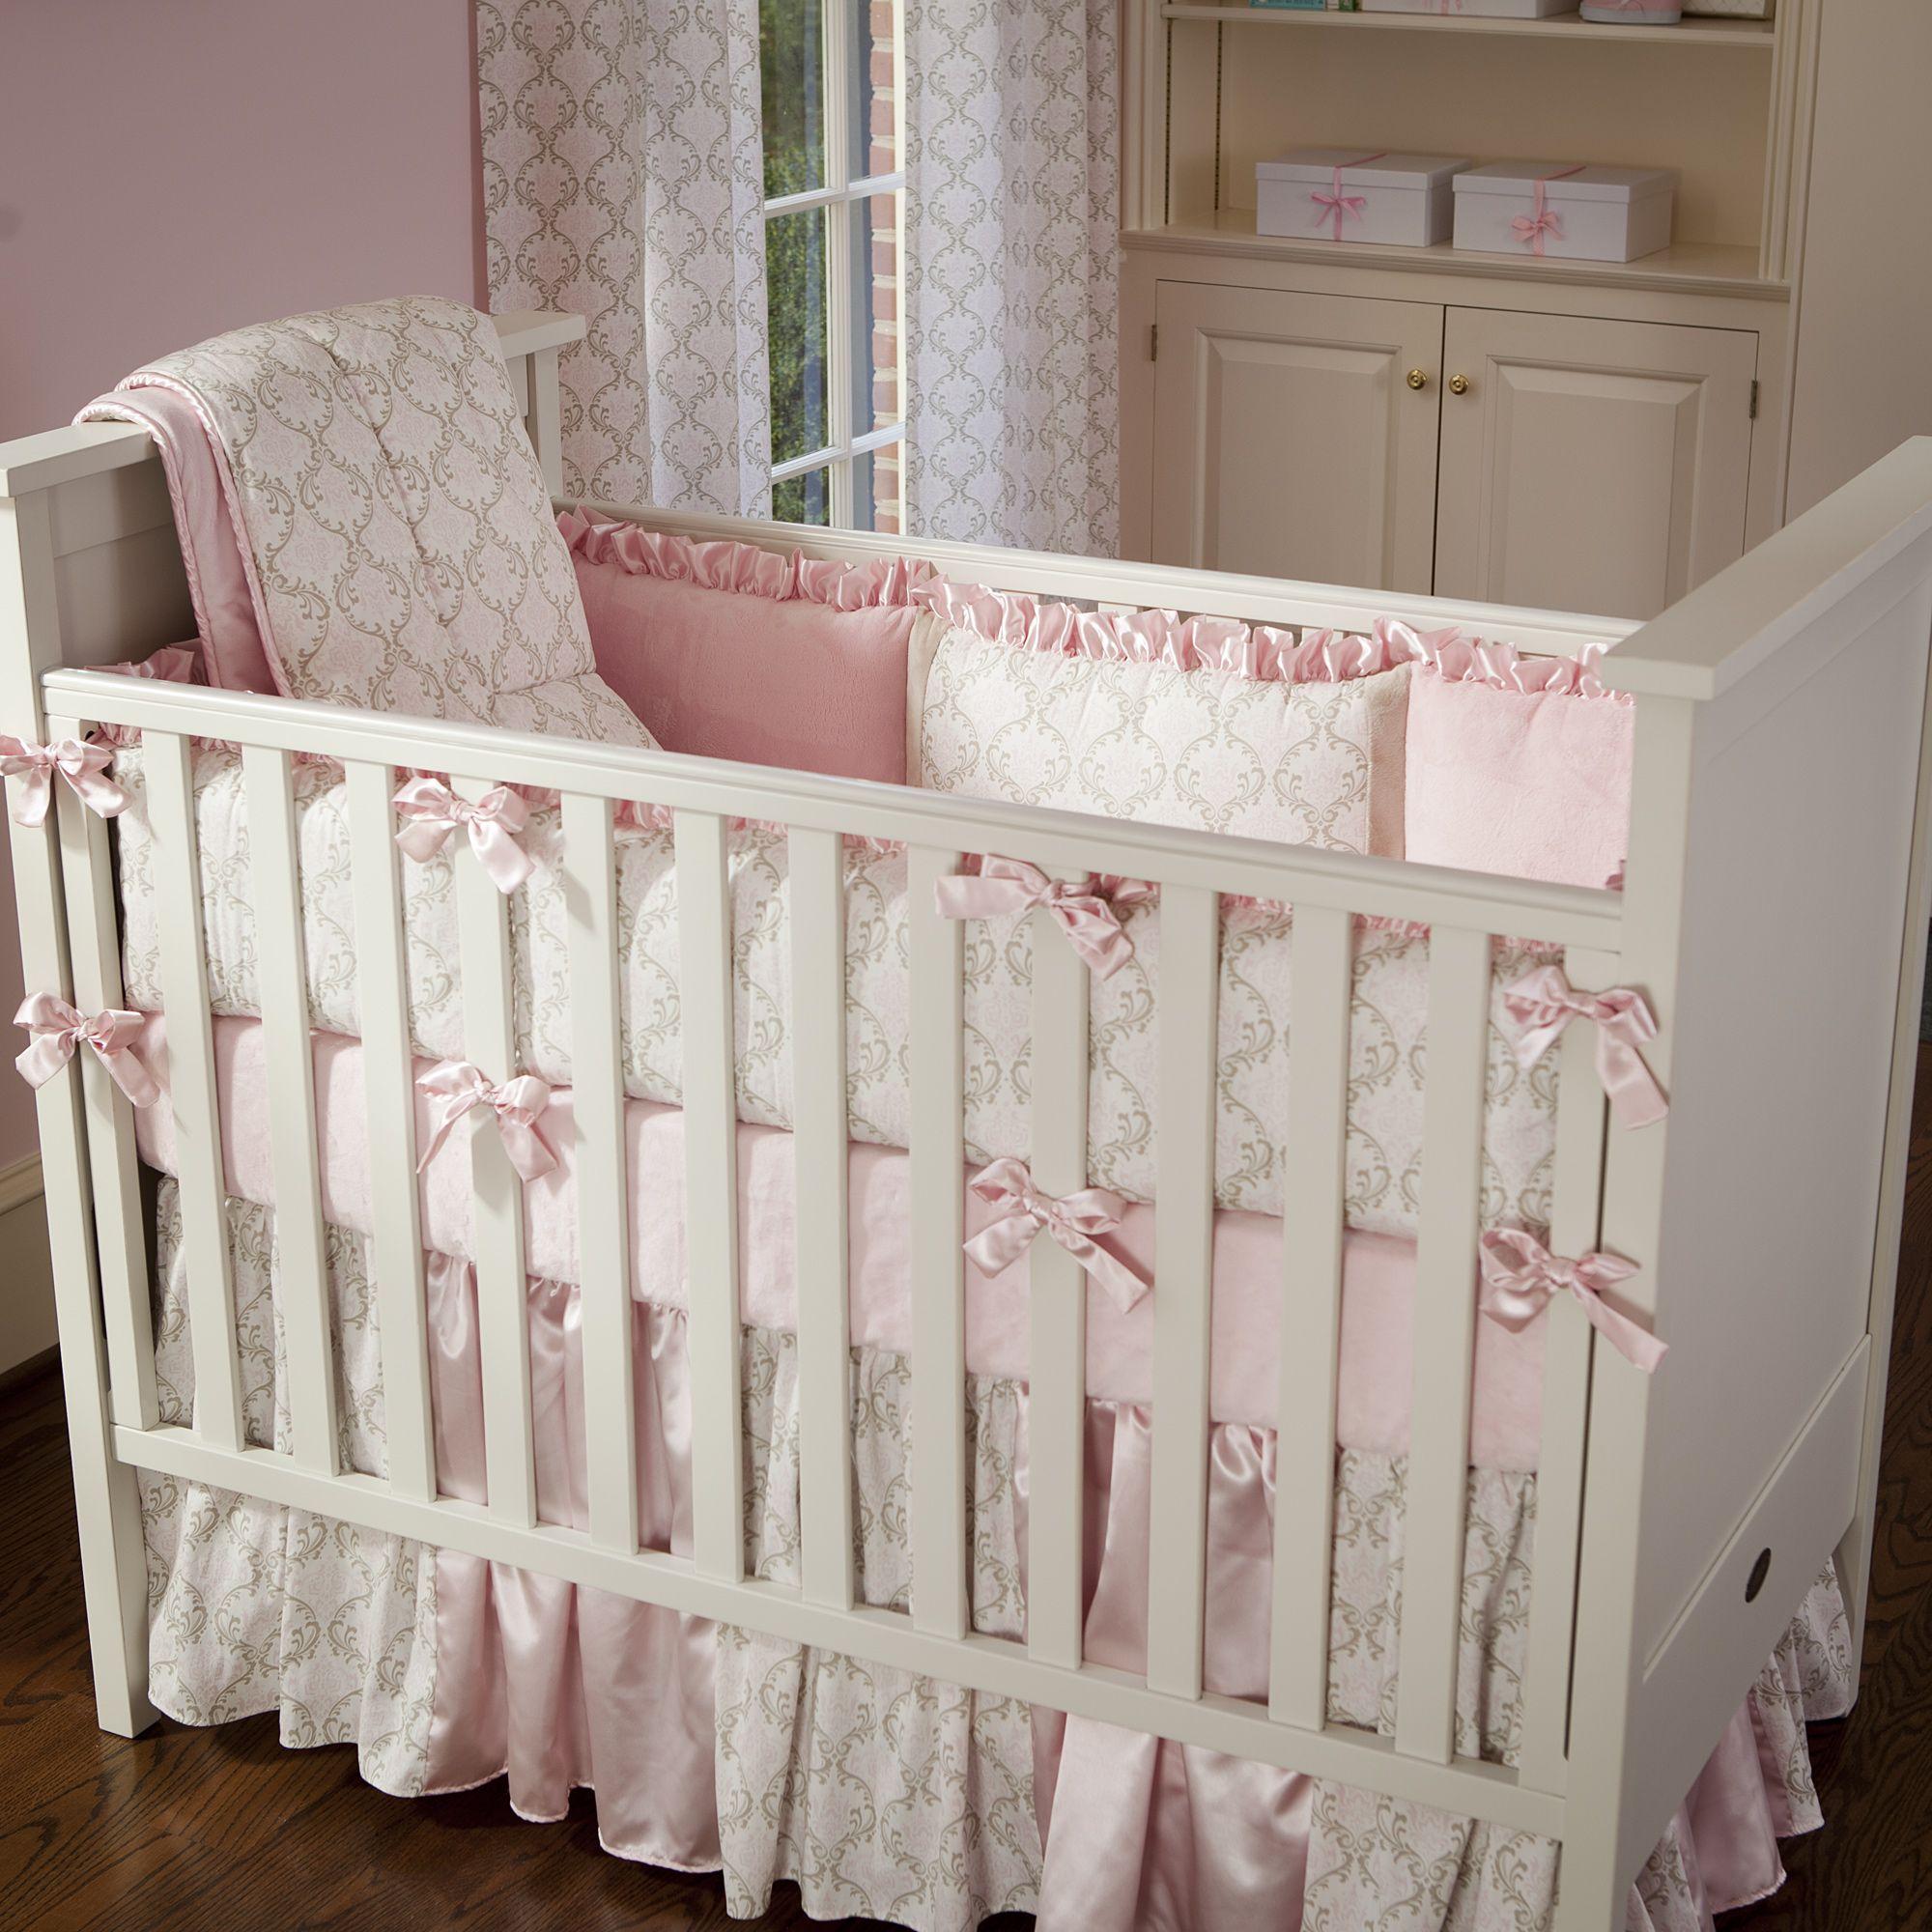 Crib bumpers babies r us - Crib Bedding Sets